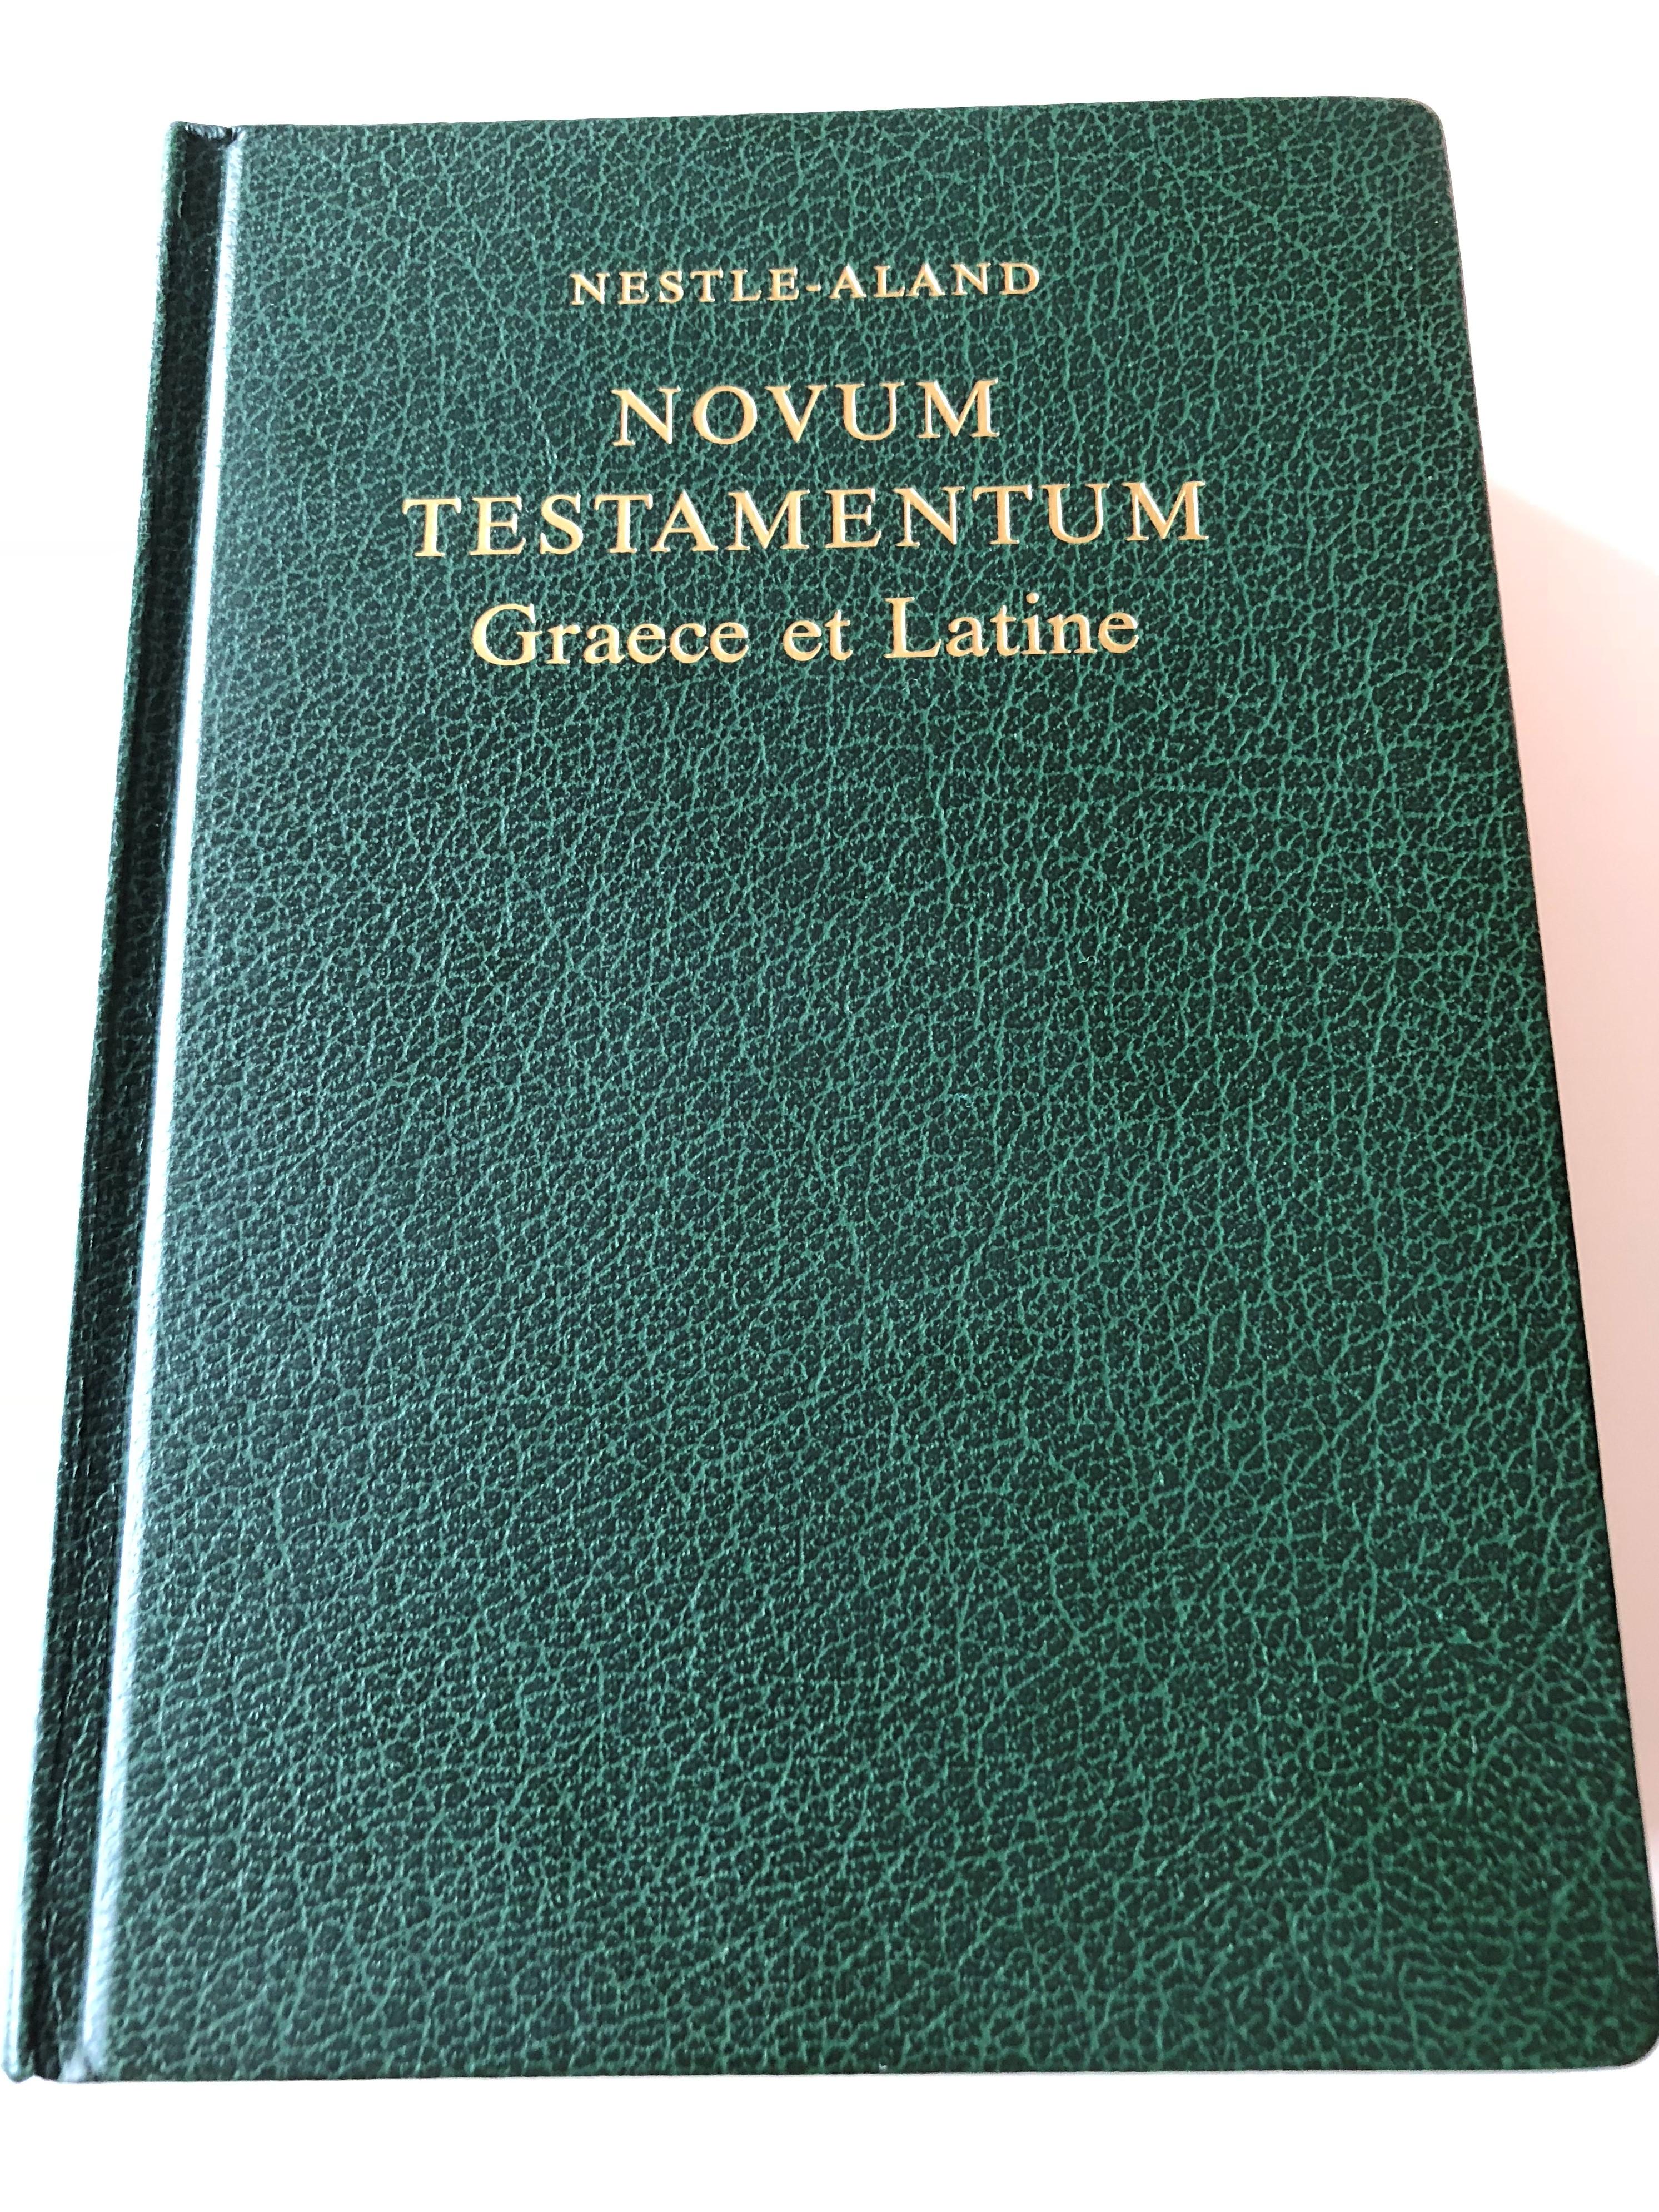 latinntimg-2807latinnt1.jpg